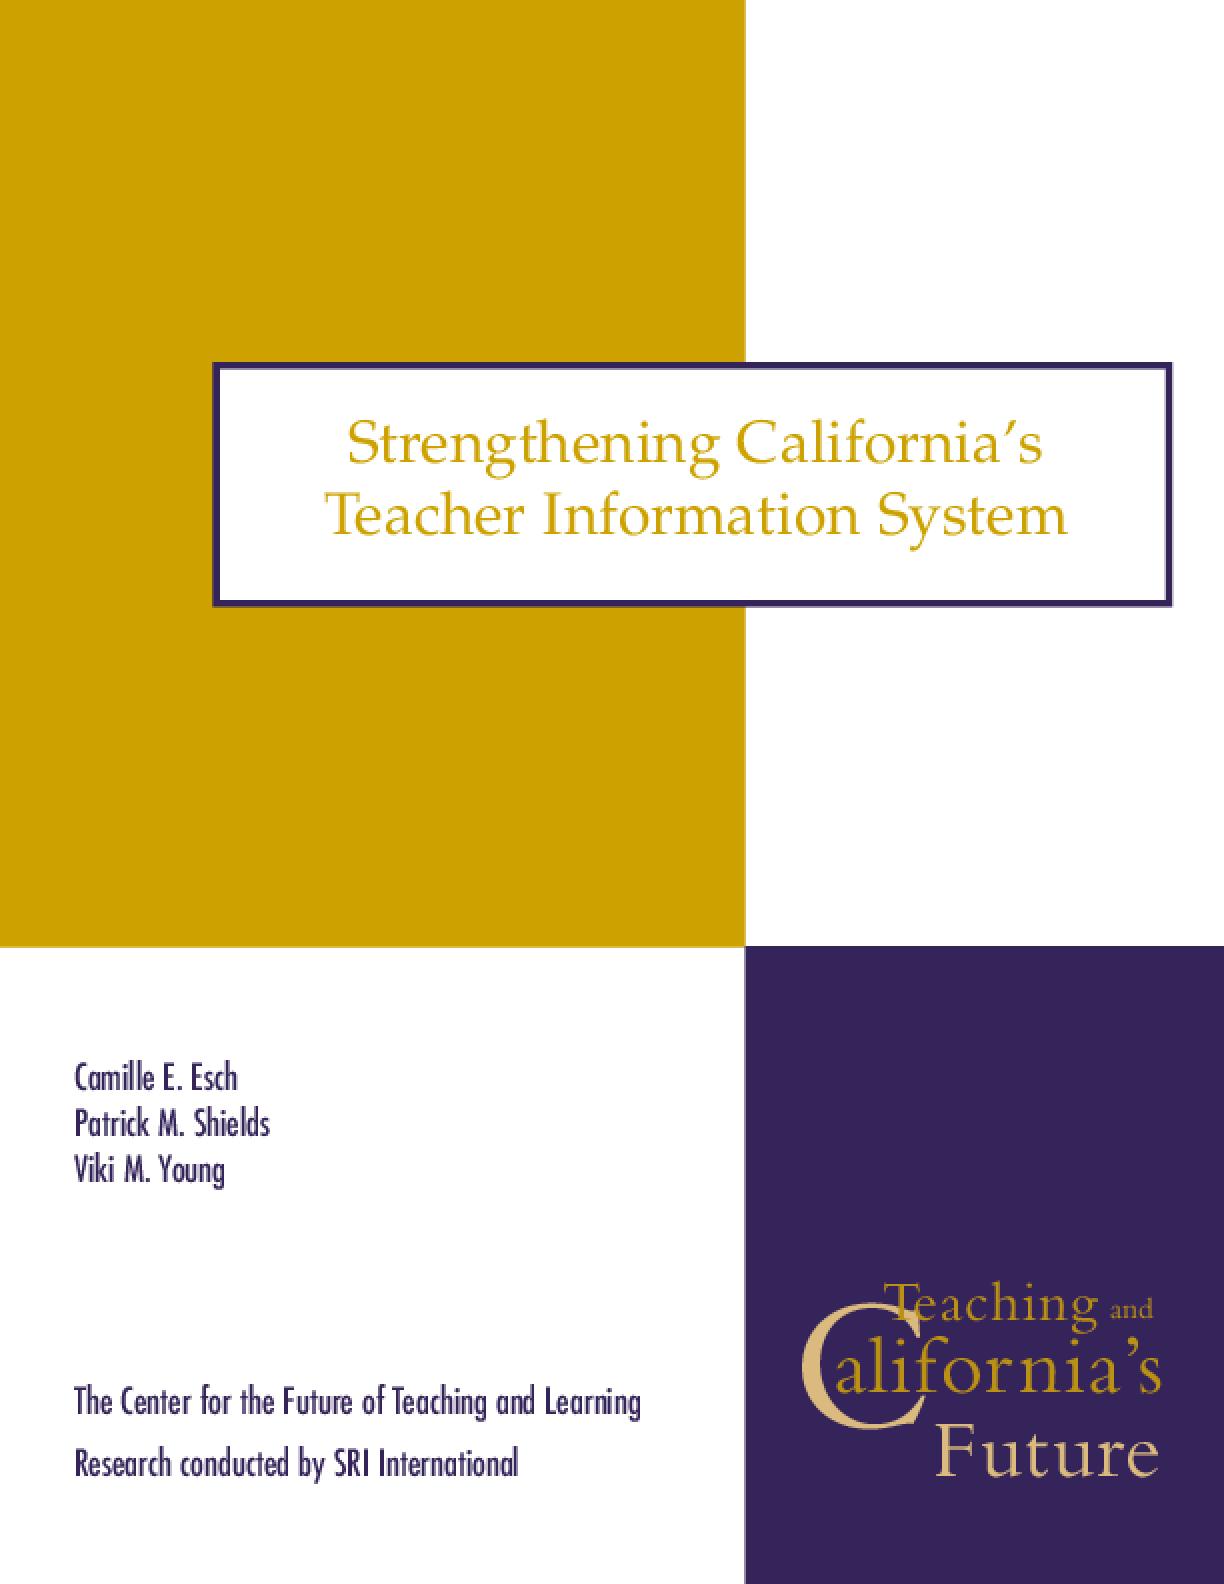 Strengthening California's Teacher Information System